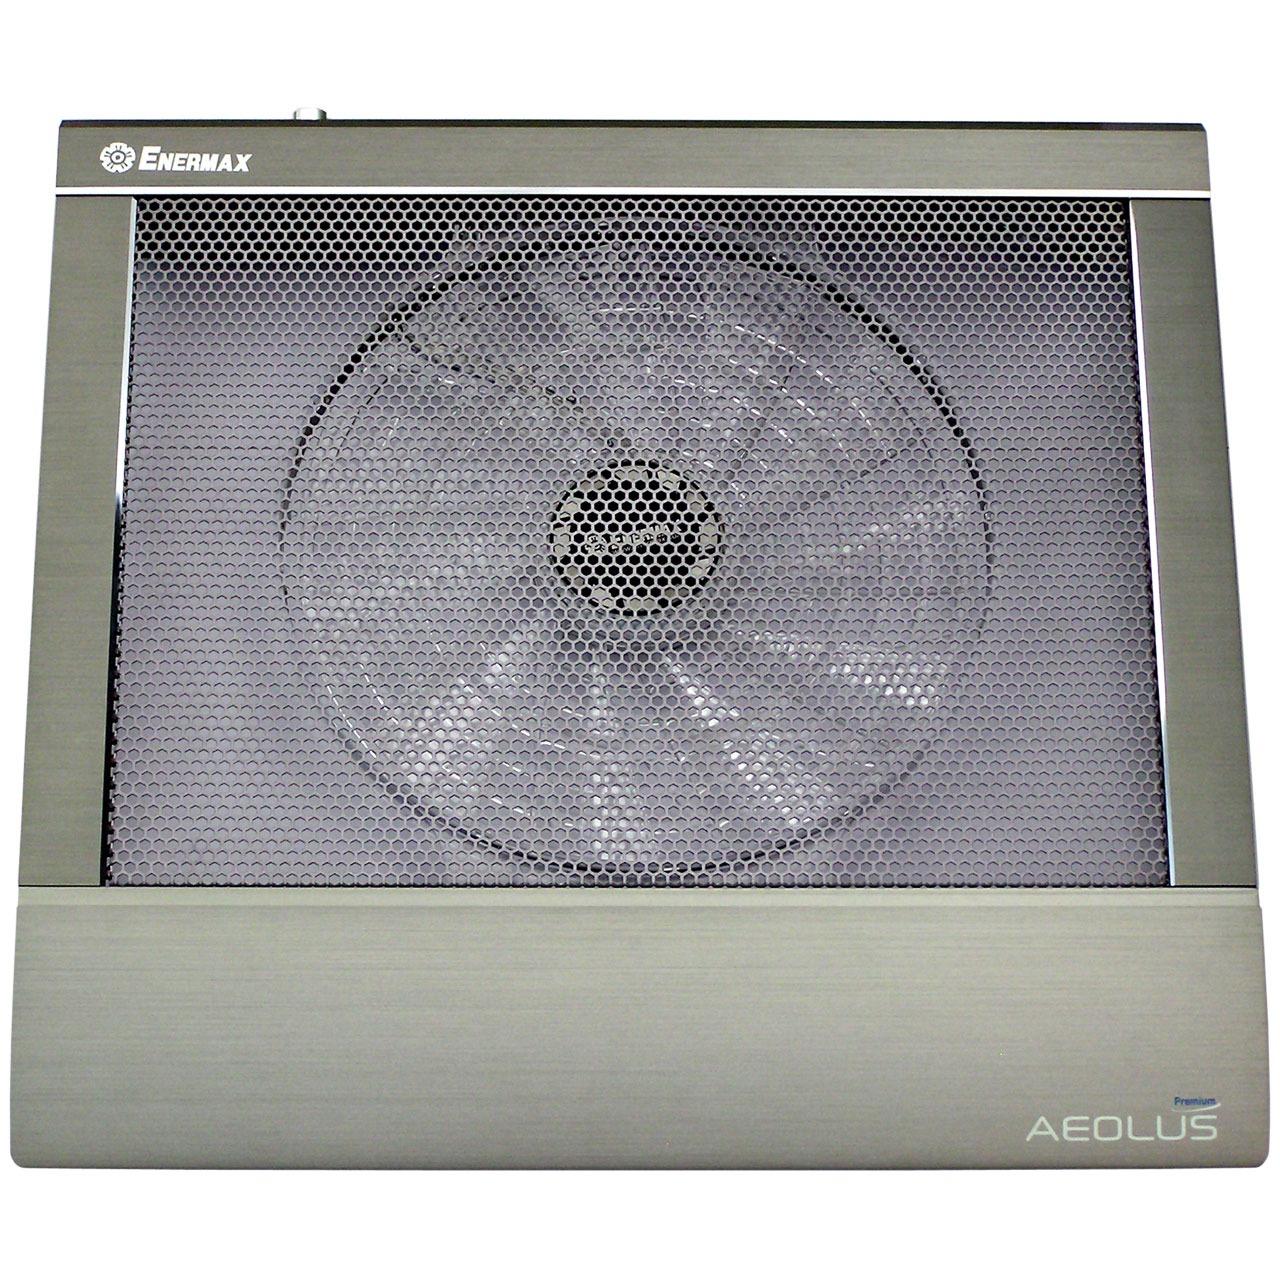 Enermax Aeolus Premium CP003 G Gris Ventilateur PC